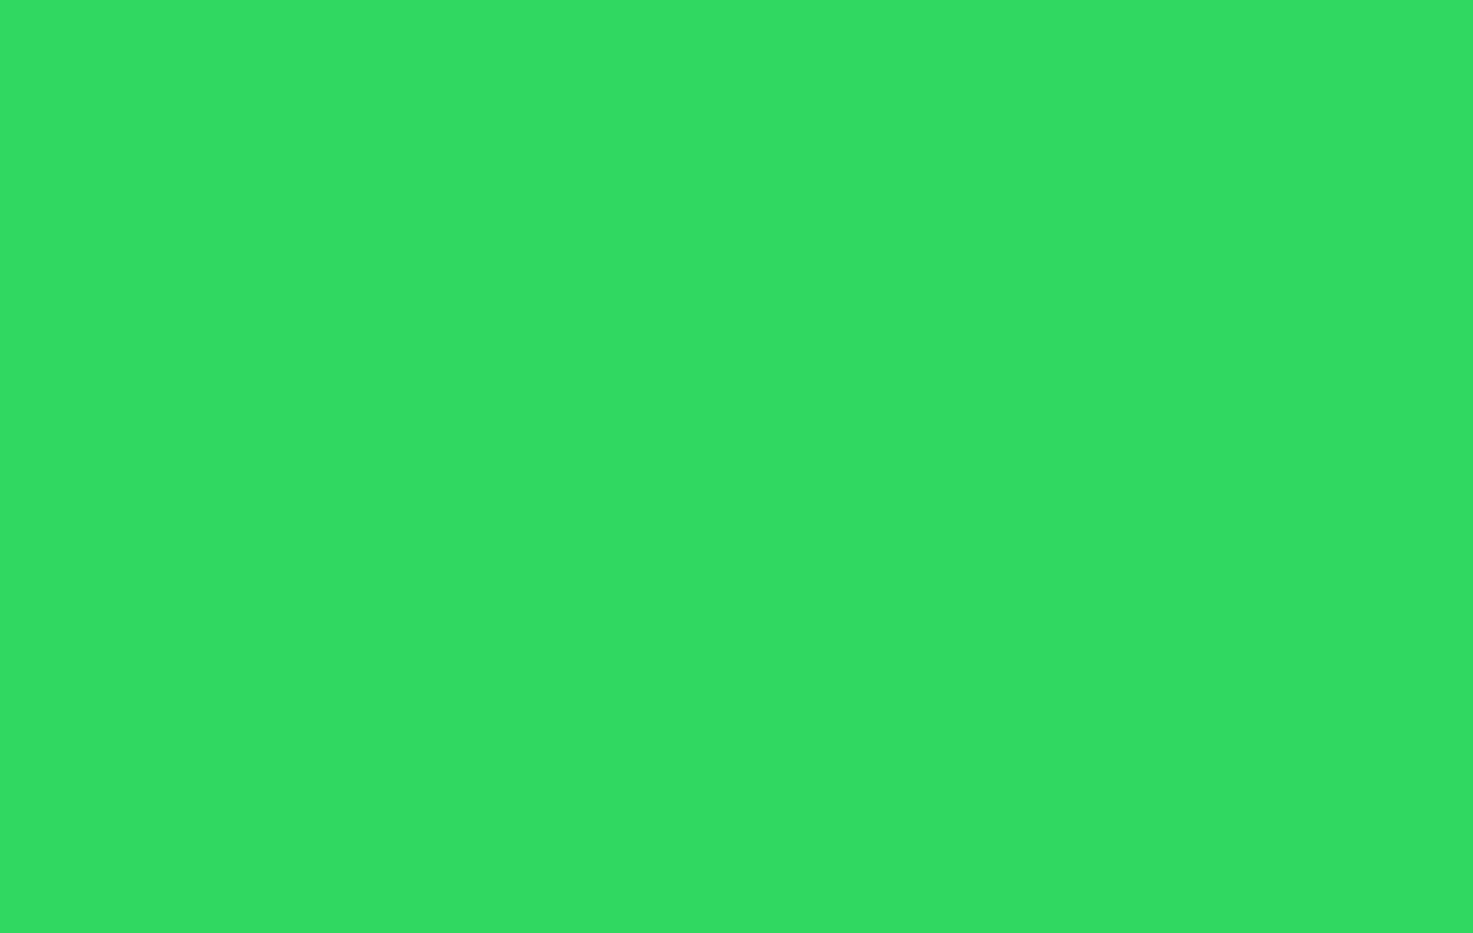 verde 536